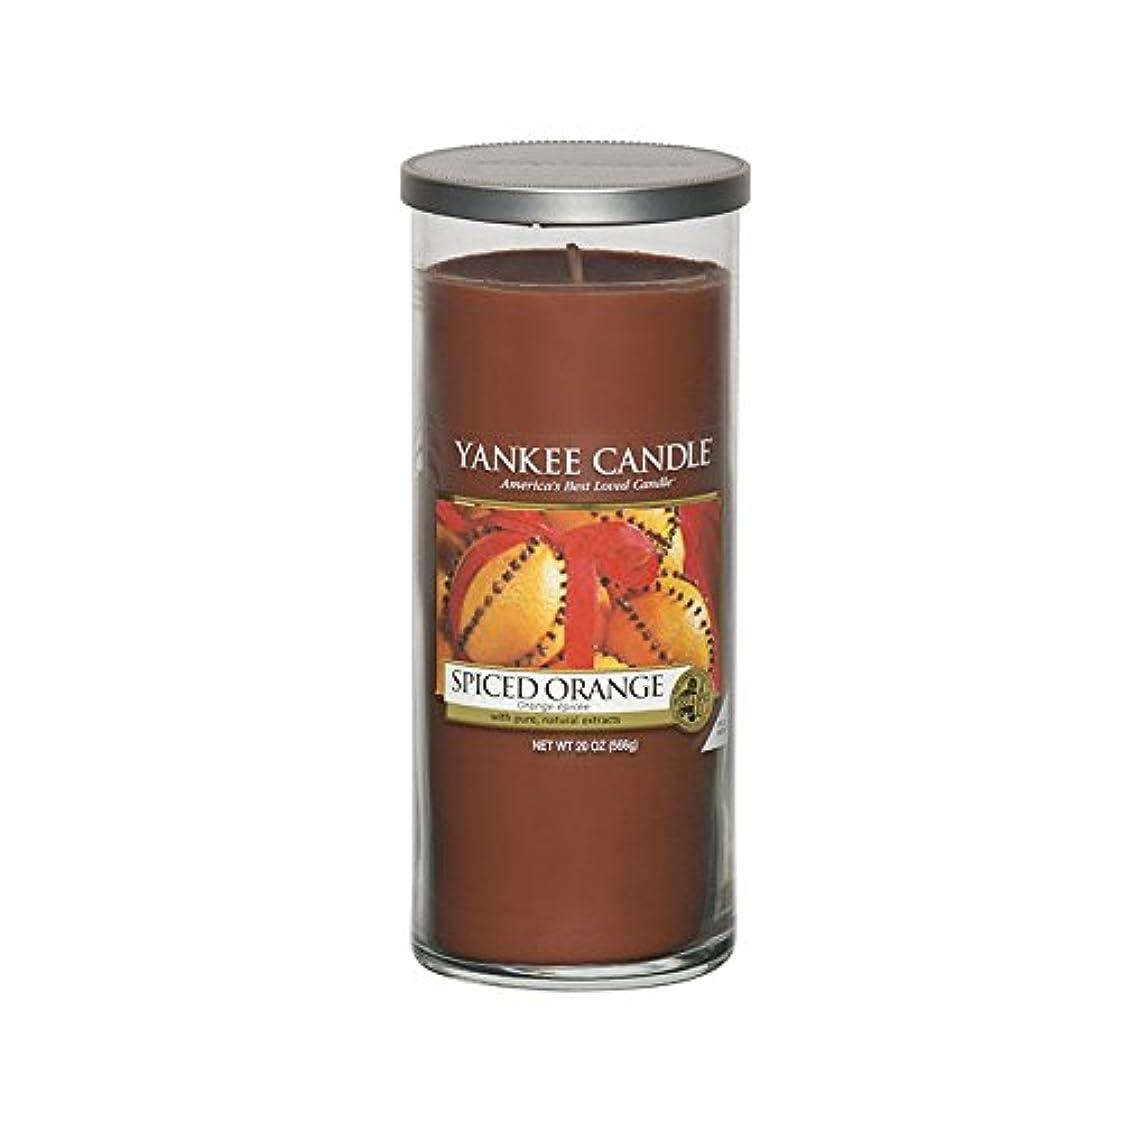 周り迅速式Yankee Candles Large Pillar Candle - Spiced Orange (Pack of 2) - ヤンキーキャンドル大きな柱キャンドル - スパイスオレンジ (x2) [並行輸入品]